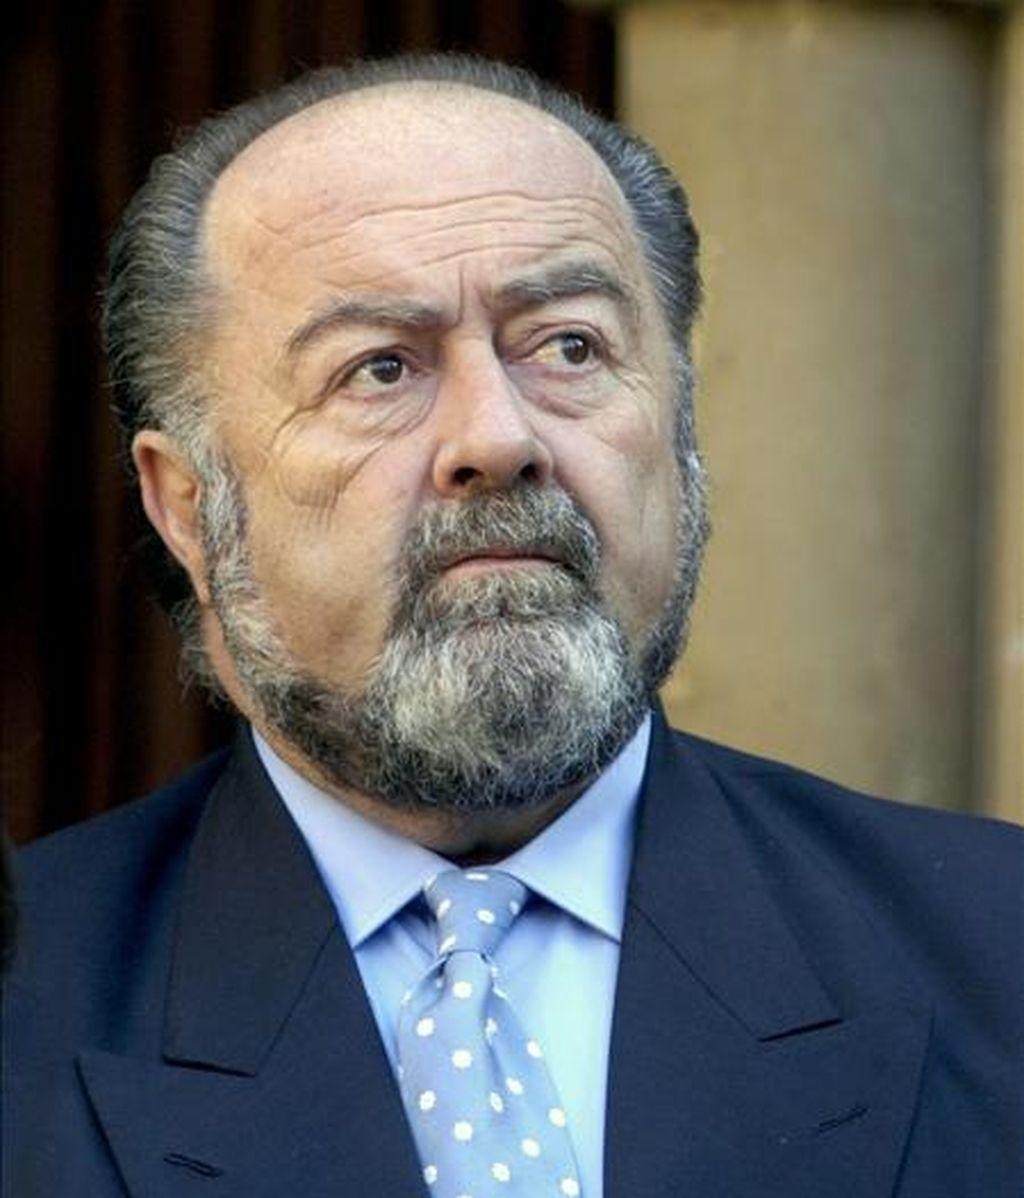 Rodolfo Aínsa, ex senador del PP imputado por el juez Lajusticia en el caso de La Muela. EFE/Archivo